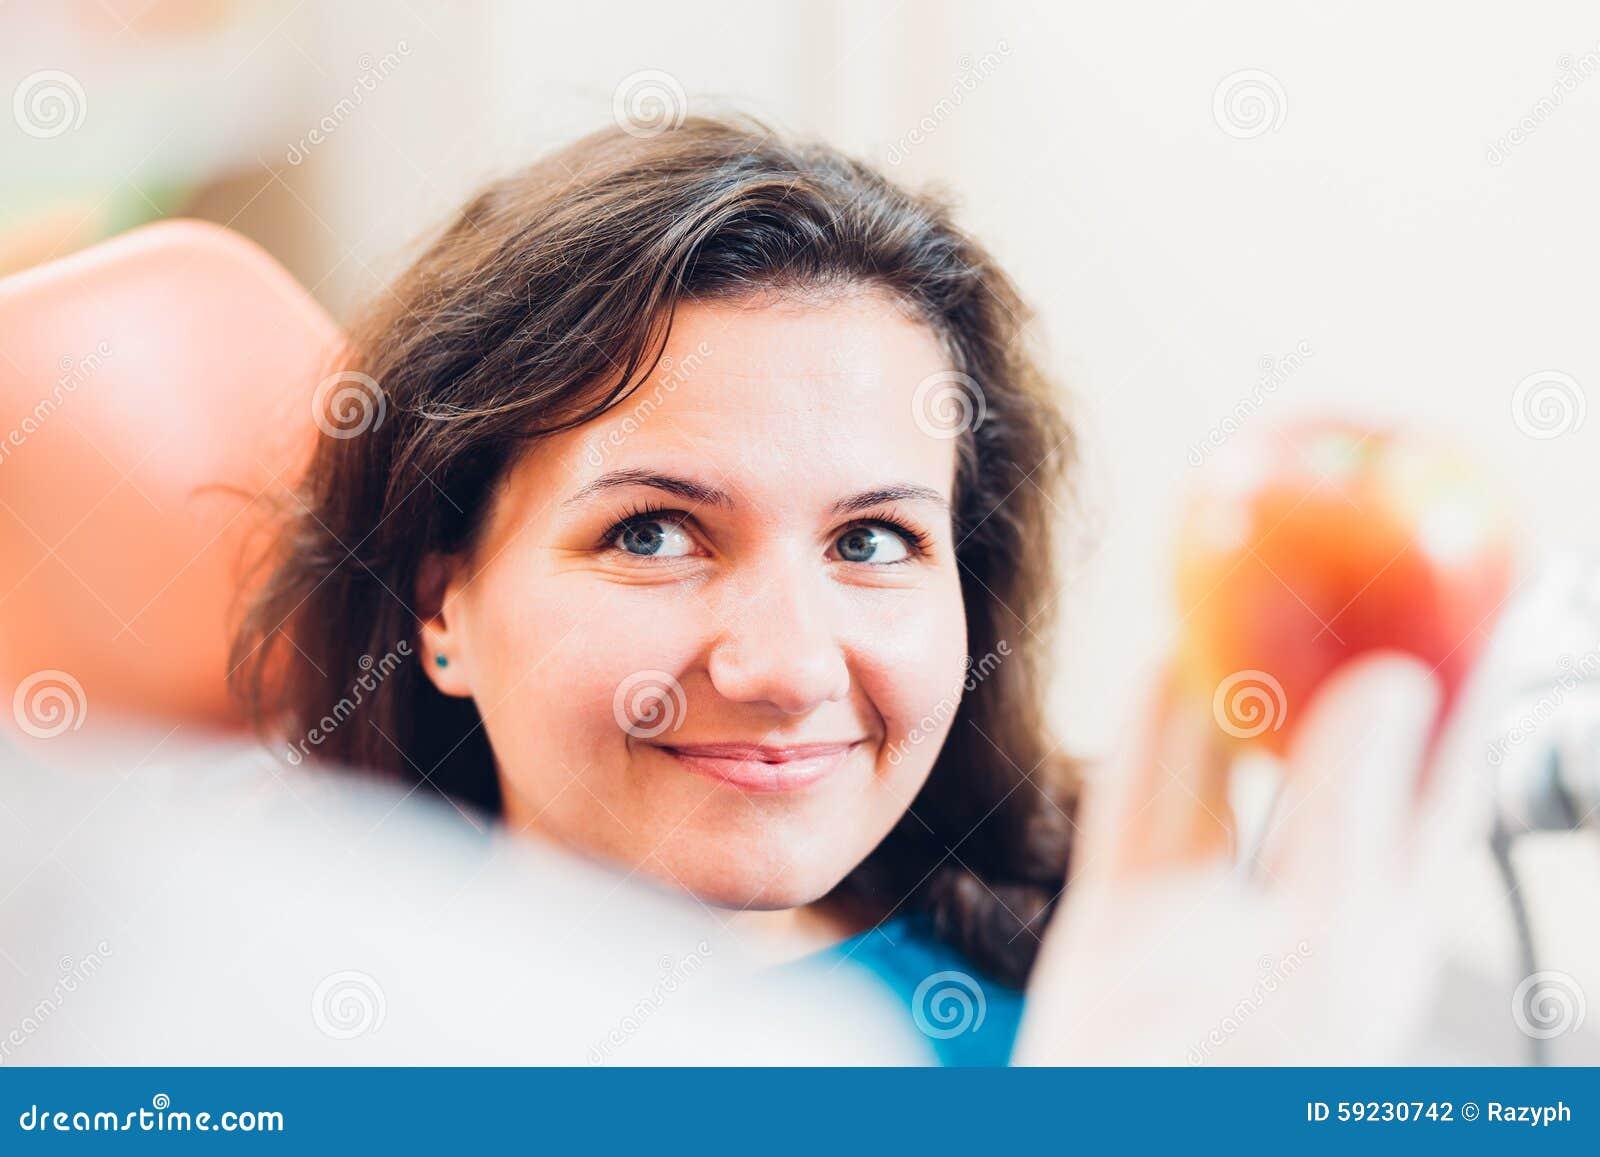 Download Paciente sonriente foto de archivo. Imagen de feliz, sano - 59230742